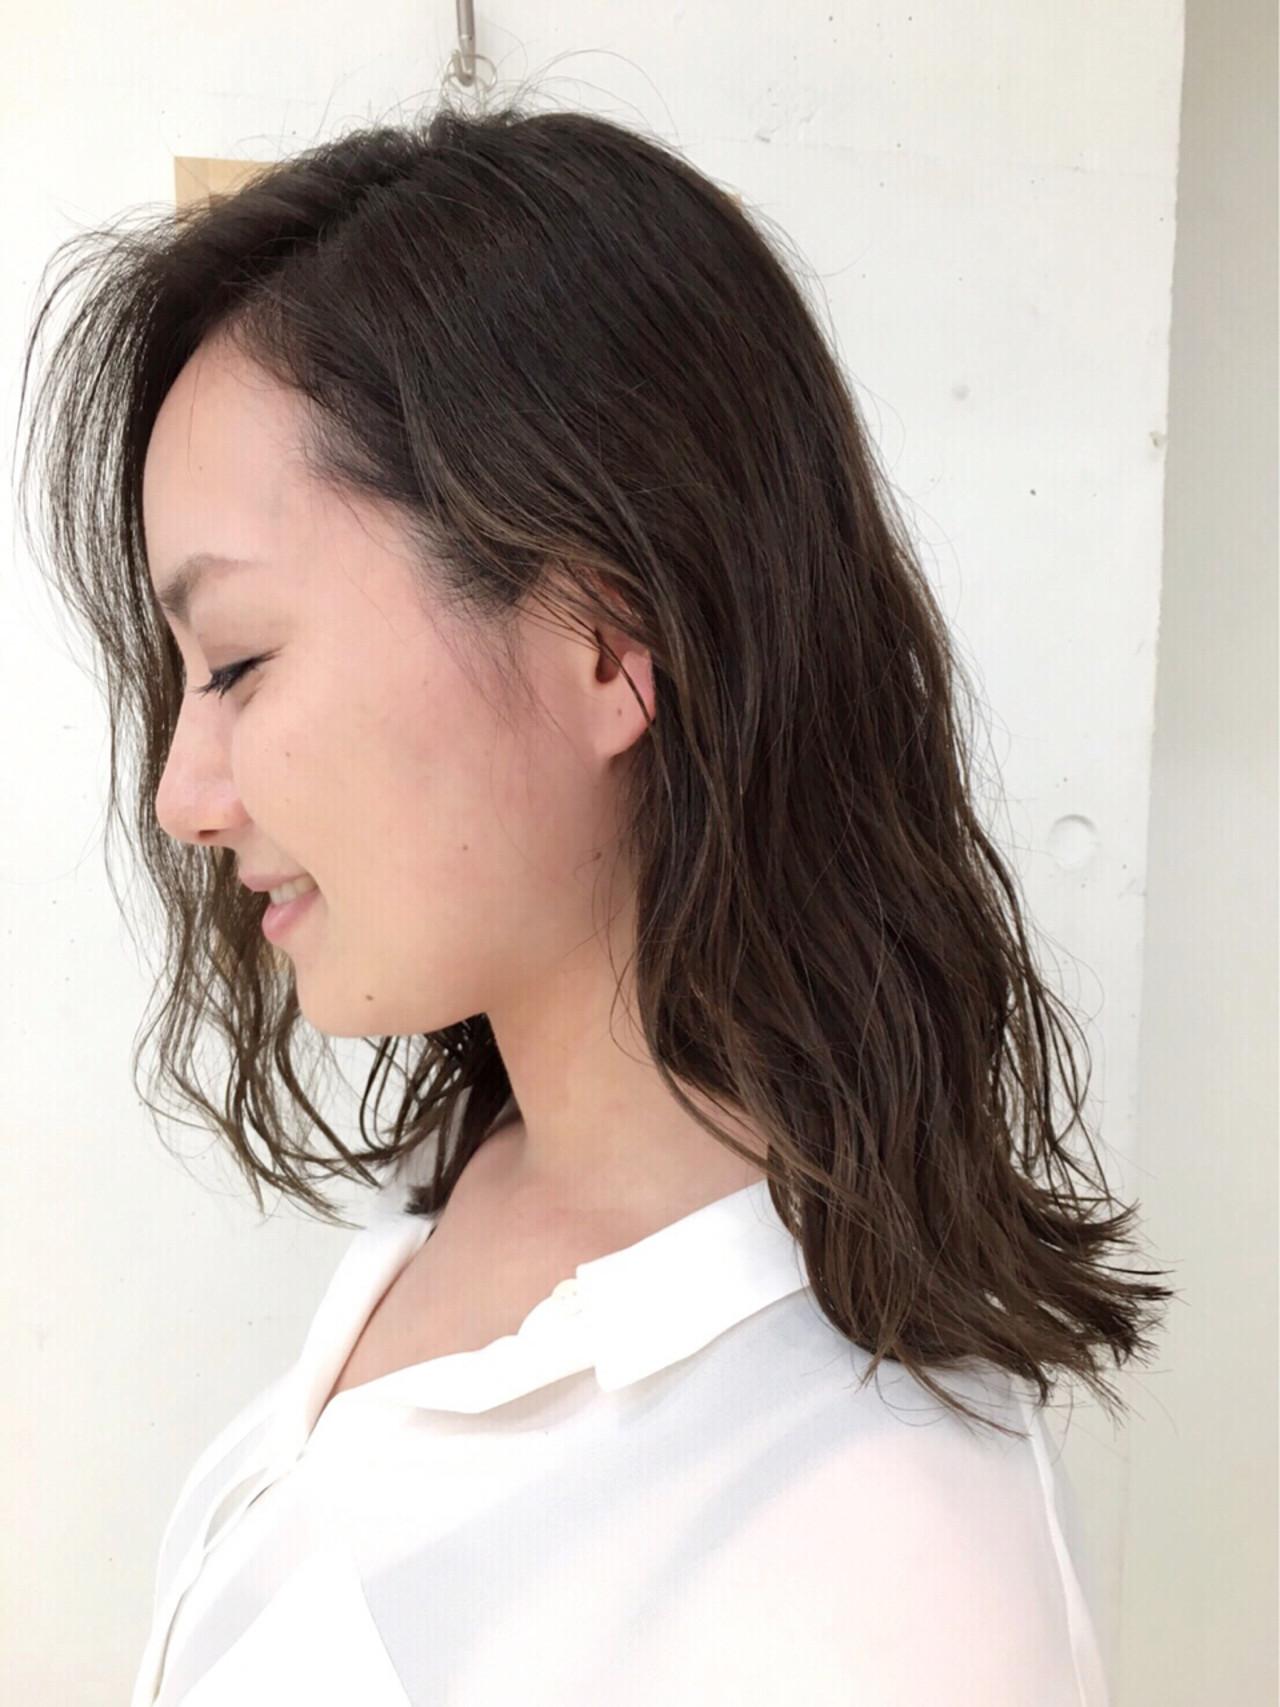 外国人風 ウェーブ ストリート ハイライト ヘアスタイルや髪型の写真・画像 | イシガキ ダイスケ / C-LOVe 中目黒